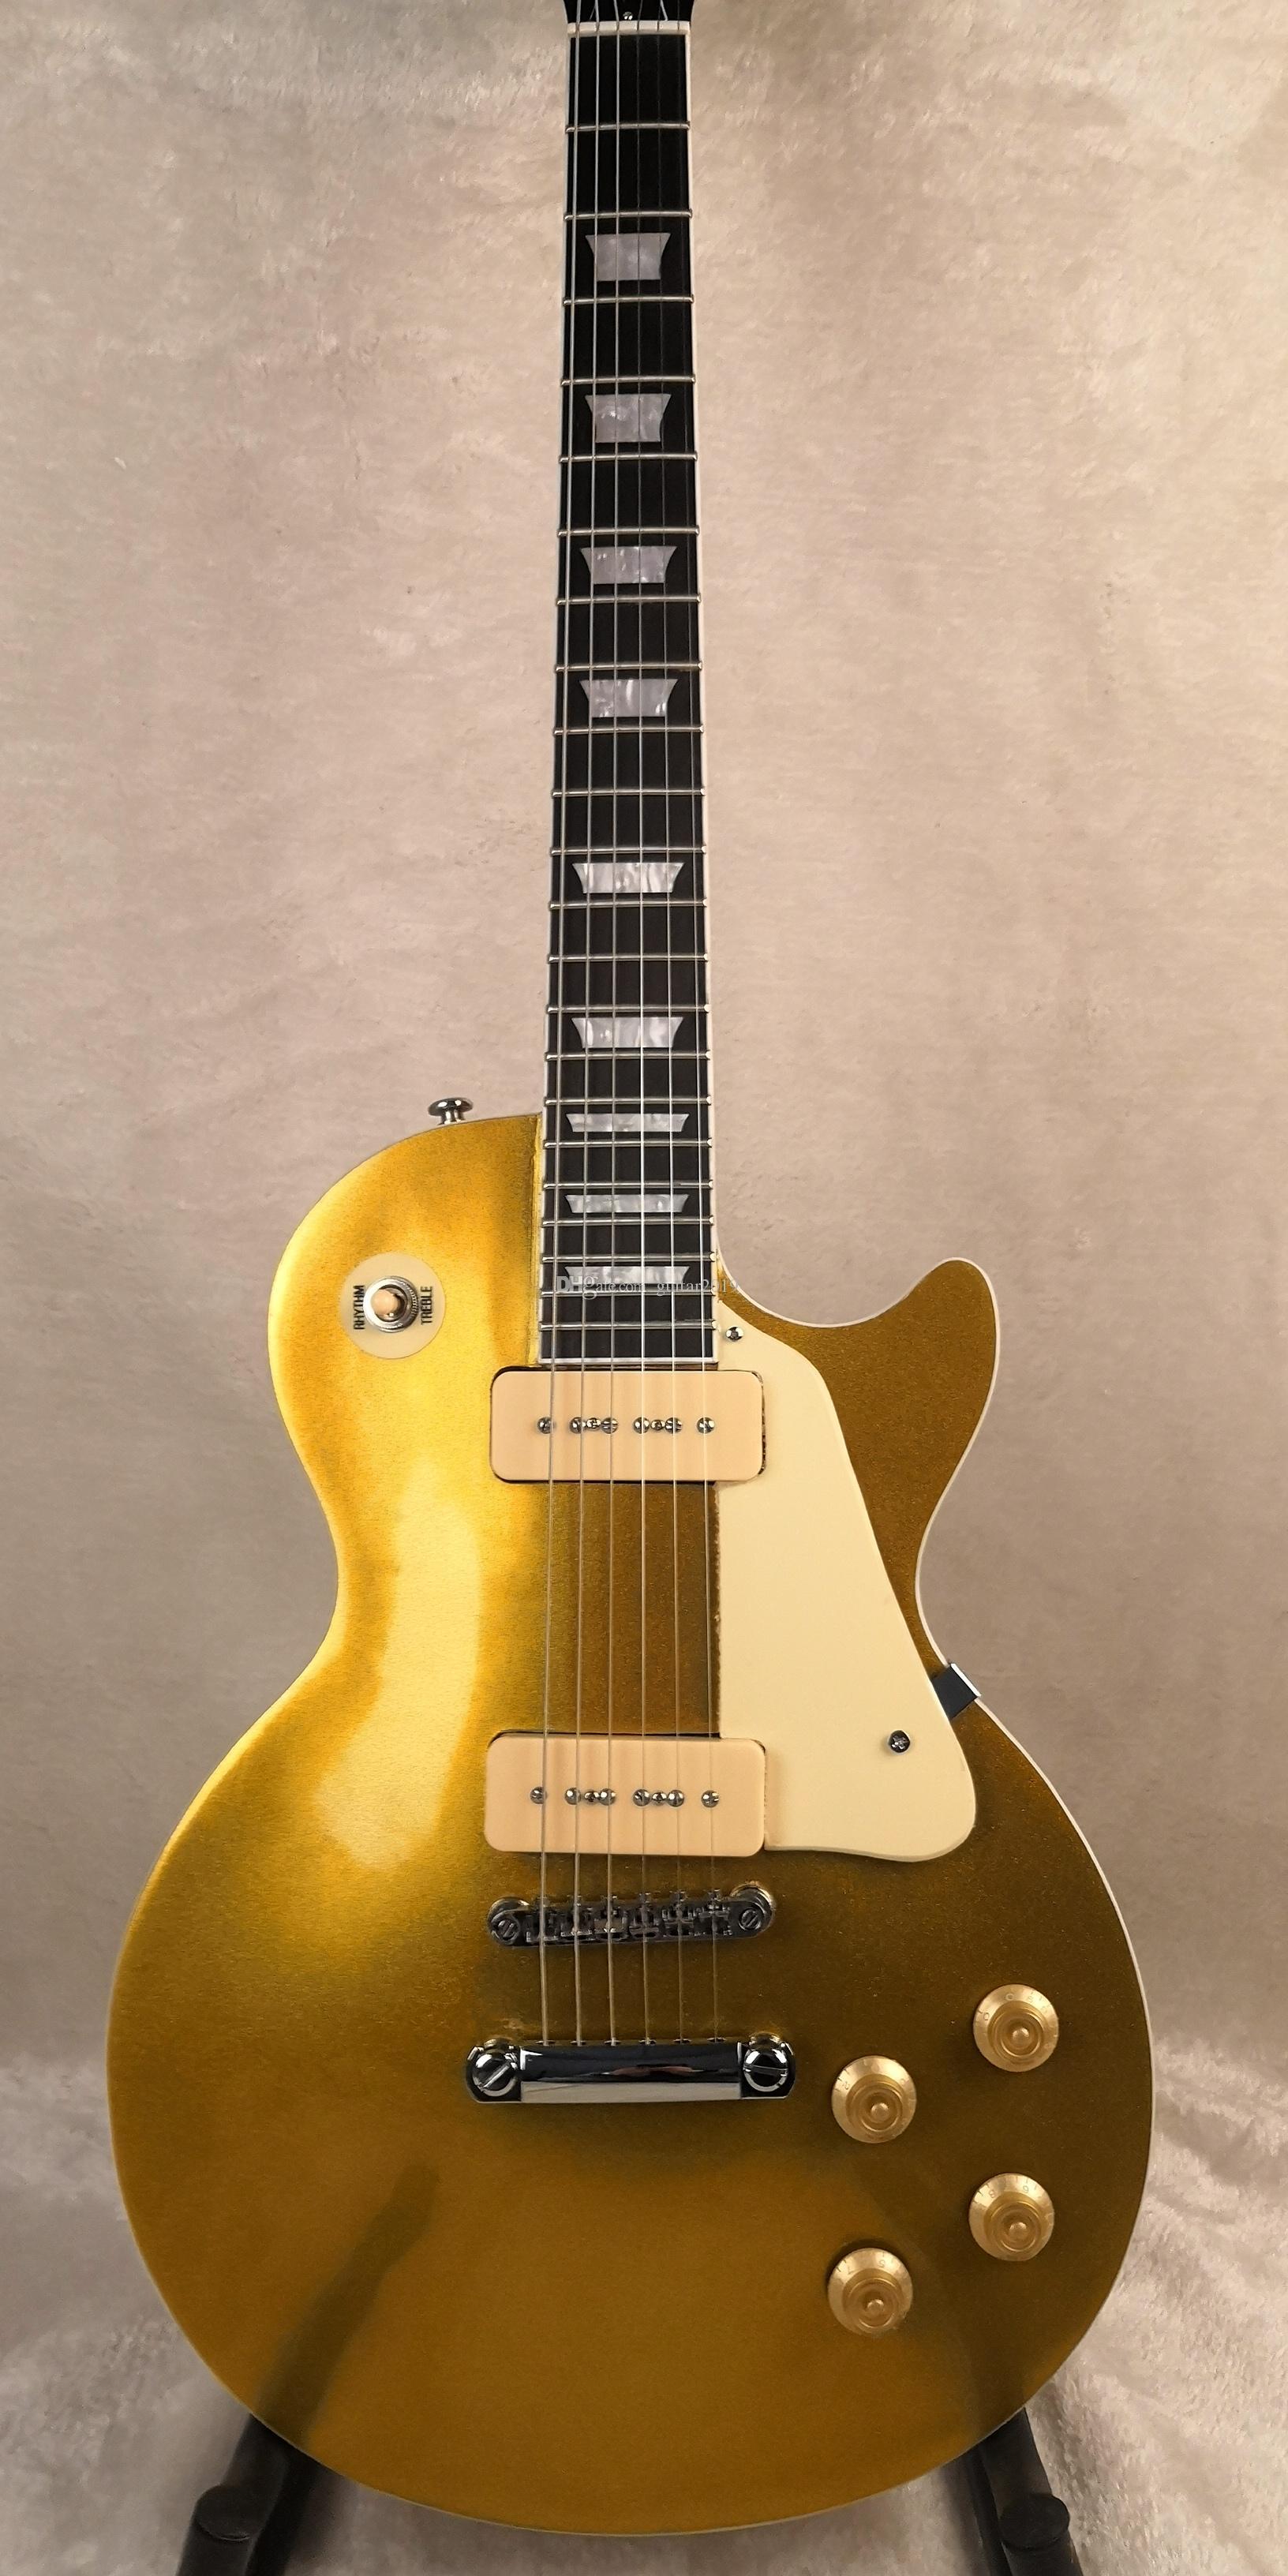 Frete grátis Custom Shop Goldtop P-90 coletor de mogno corpo e pescoço Rosewood Fretboard Chinês Guitarra Elétrica